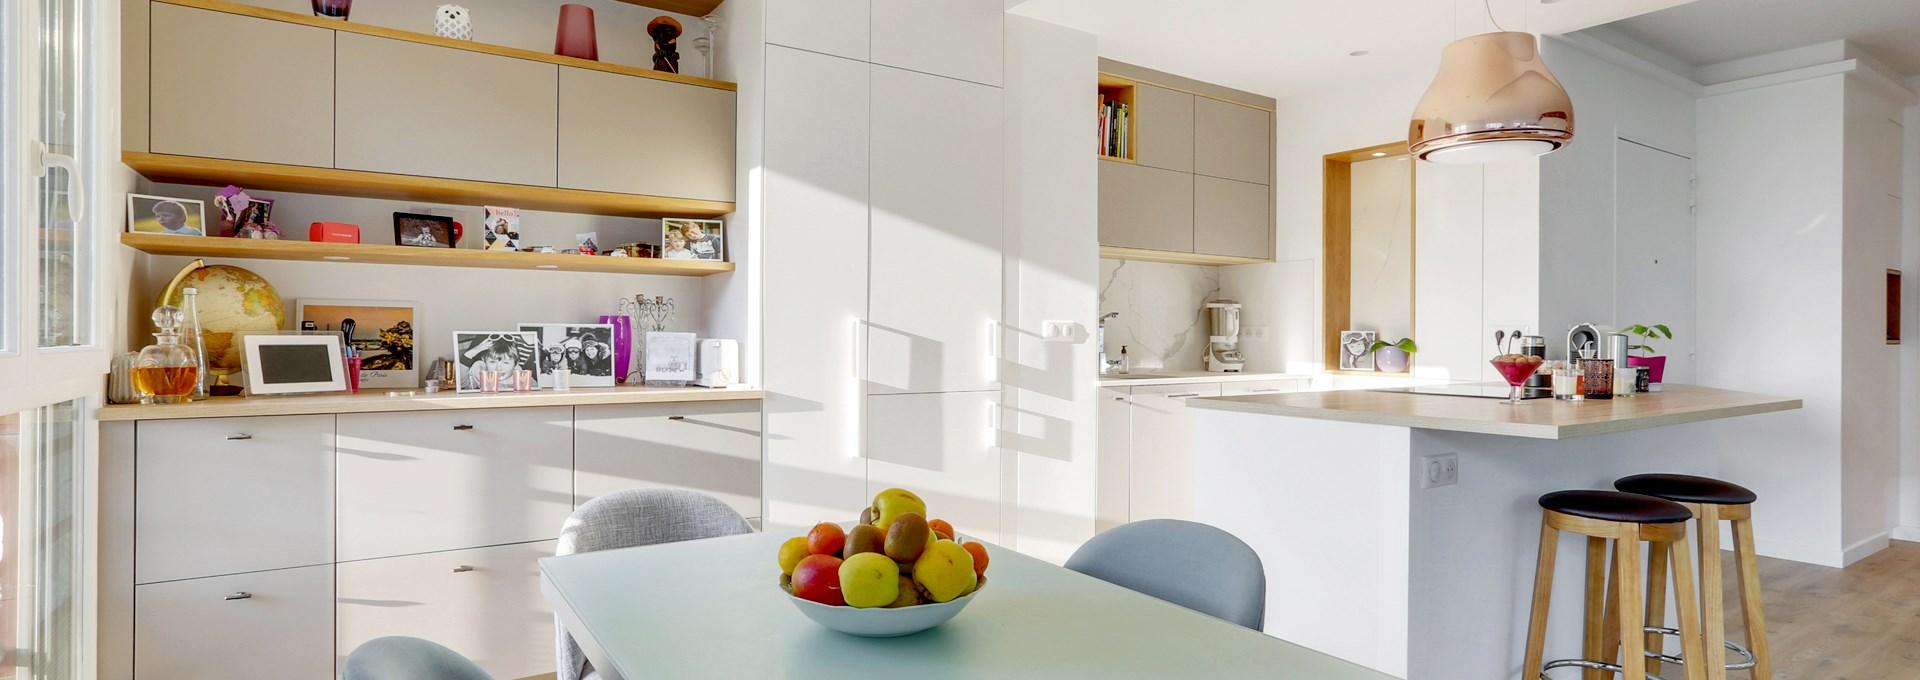 P_Agence-Avous-Renovation-Moulin-de-Paris-luxe-bar-cuisine-ouverte